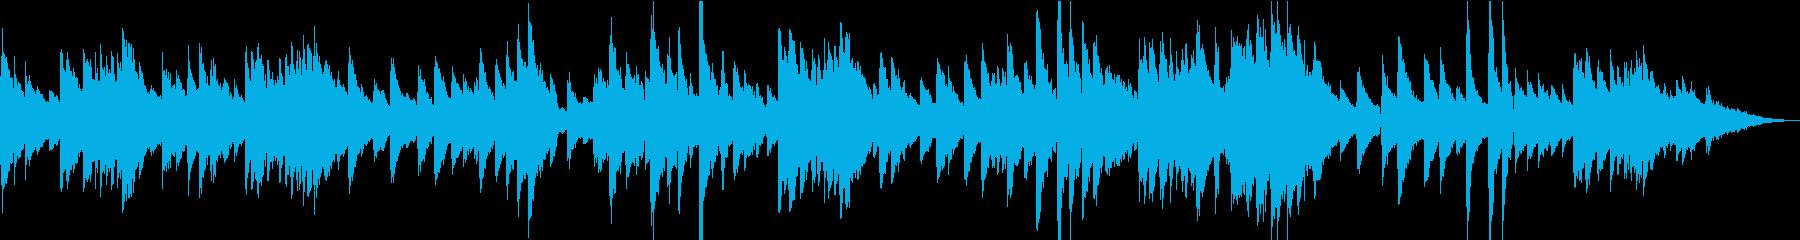 生演奏 気怠いピアノ曲の再生済みの波形